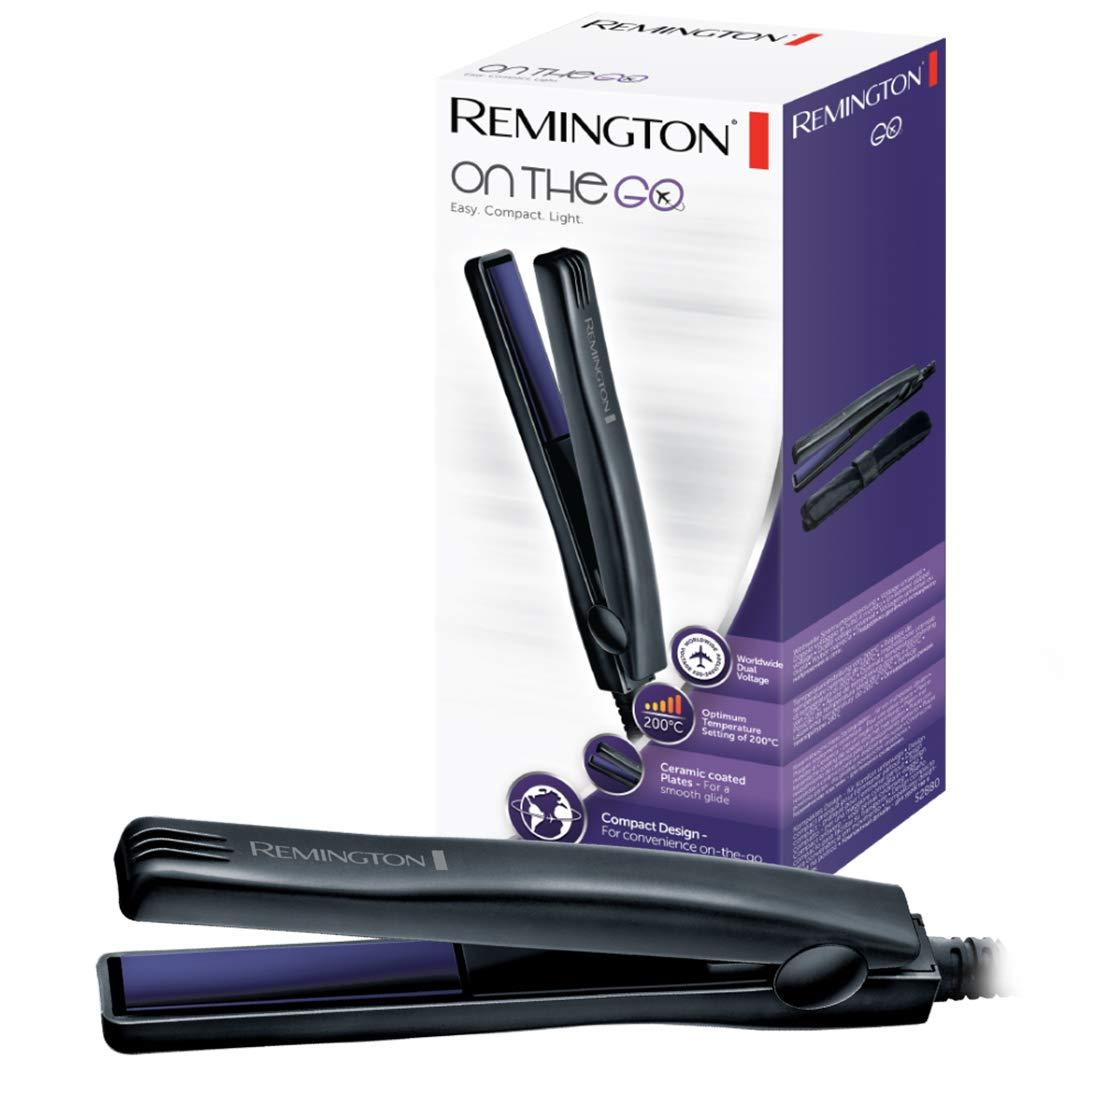 Remington S2880 Hair Straightener for ₹849